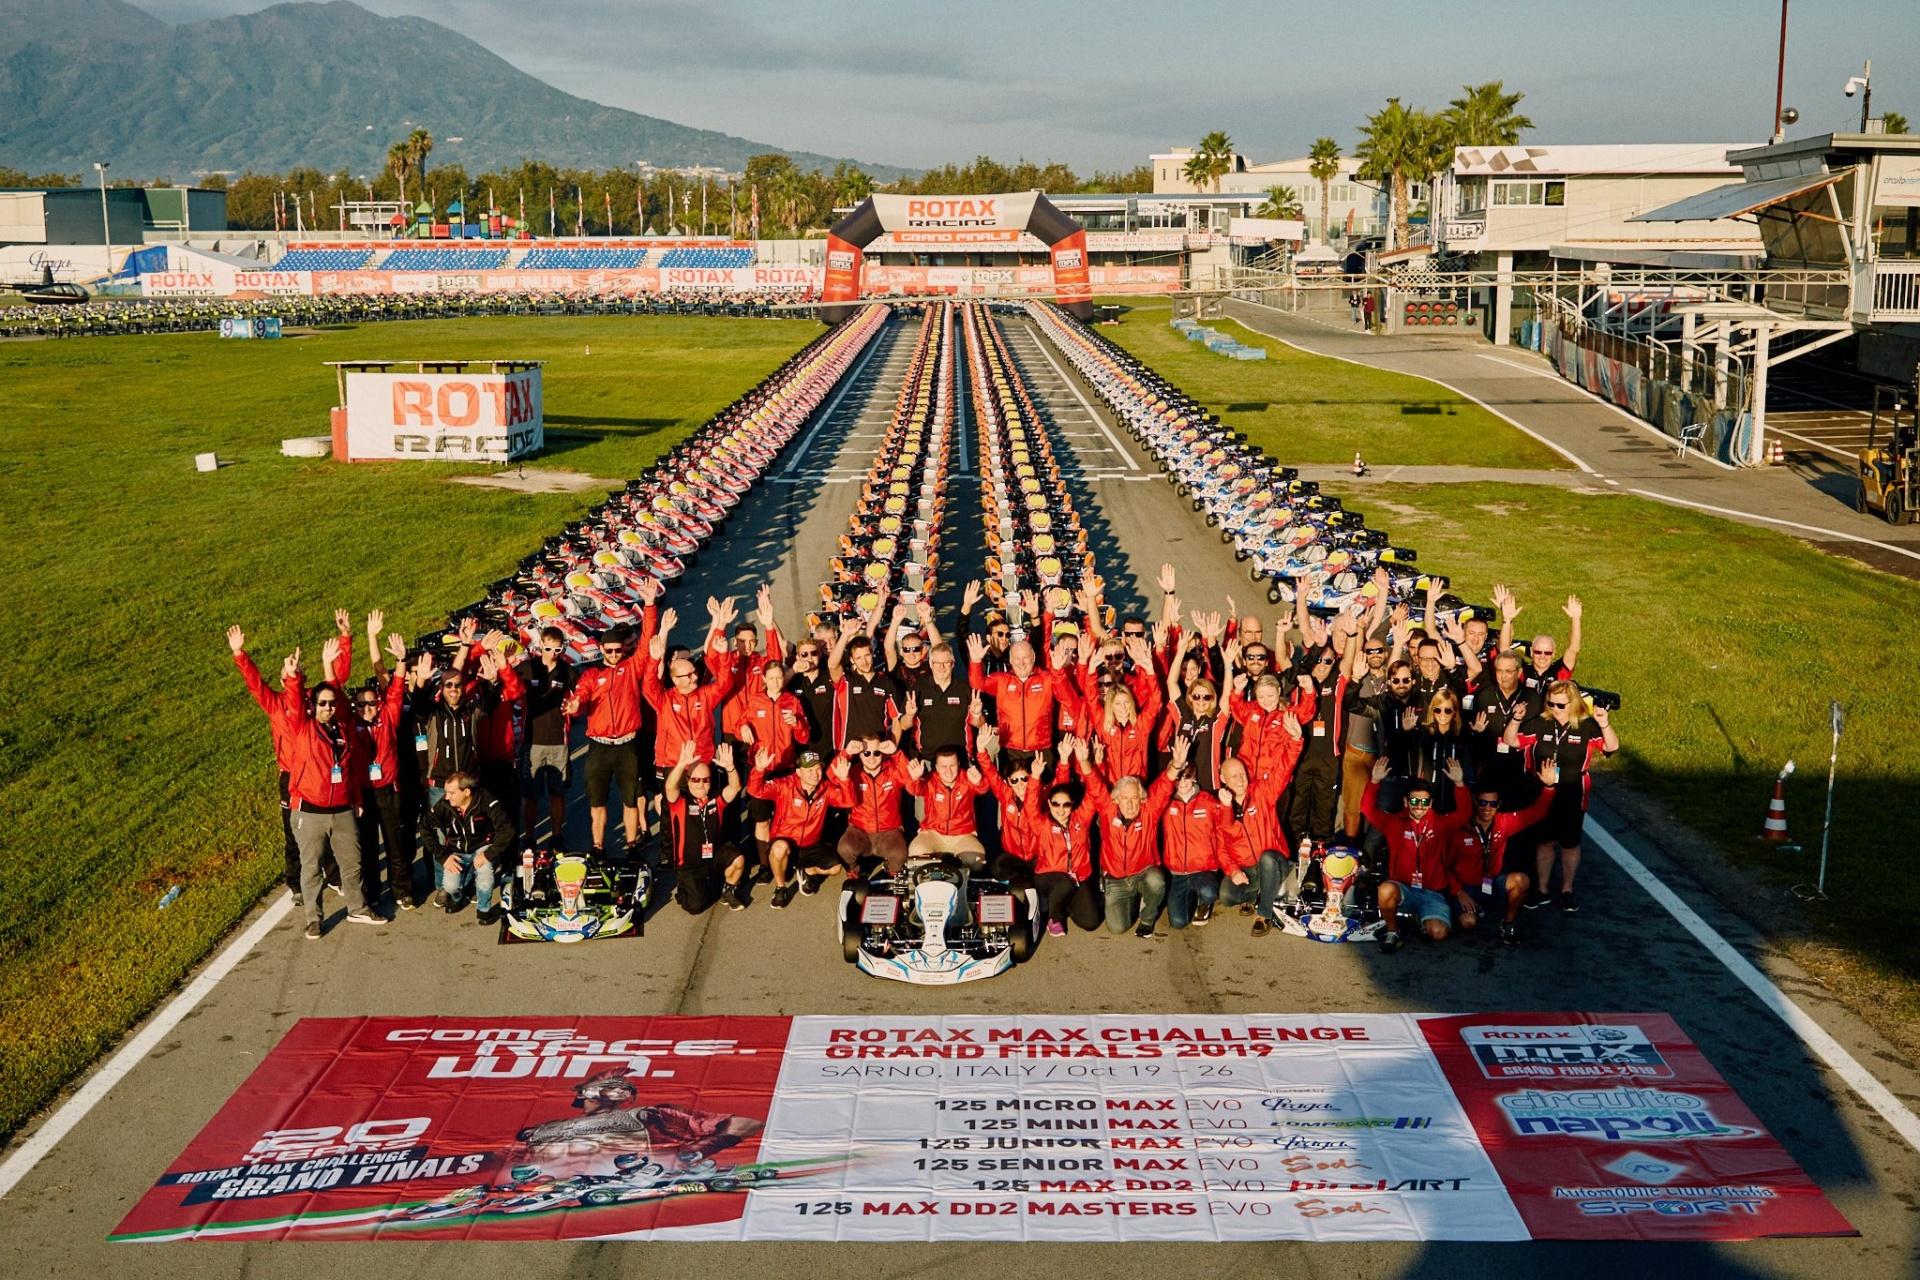 Rotax Grand Finals 2019 en Italia...Che spettacolo!!